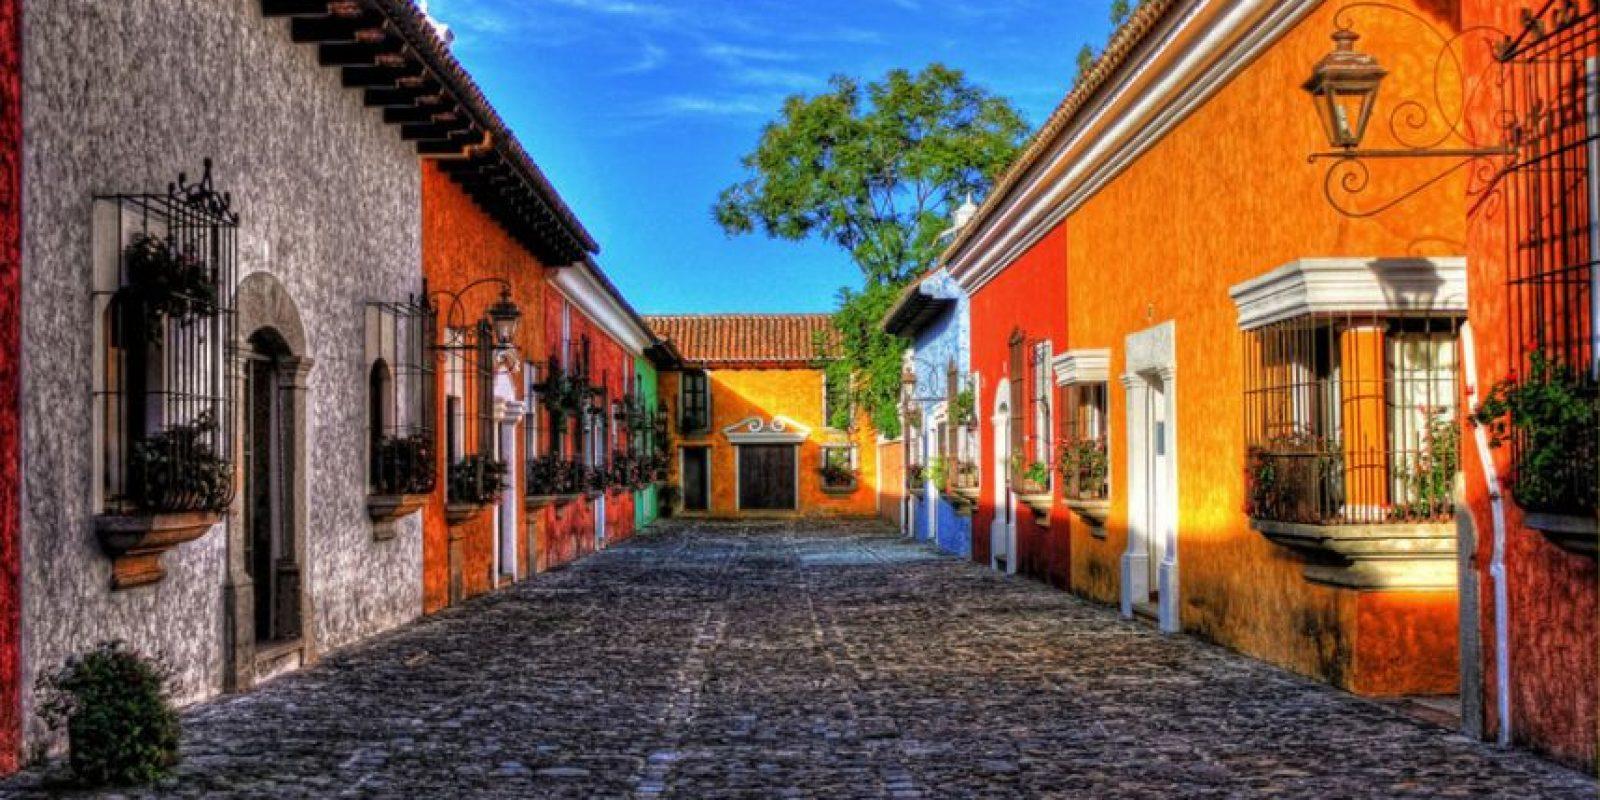 Sus calles coloniales deberían ser actualizadas Foto:http://www.buzzfeed.com/